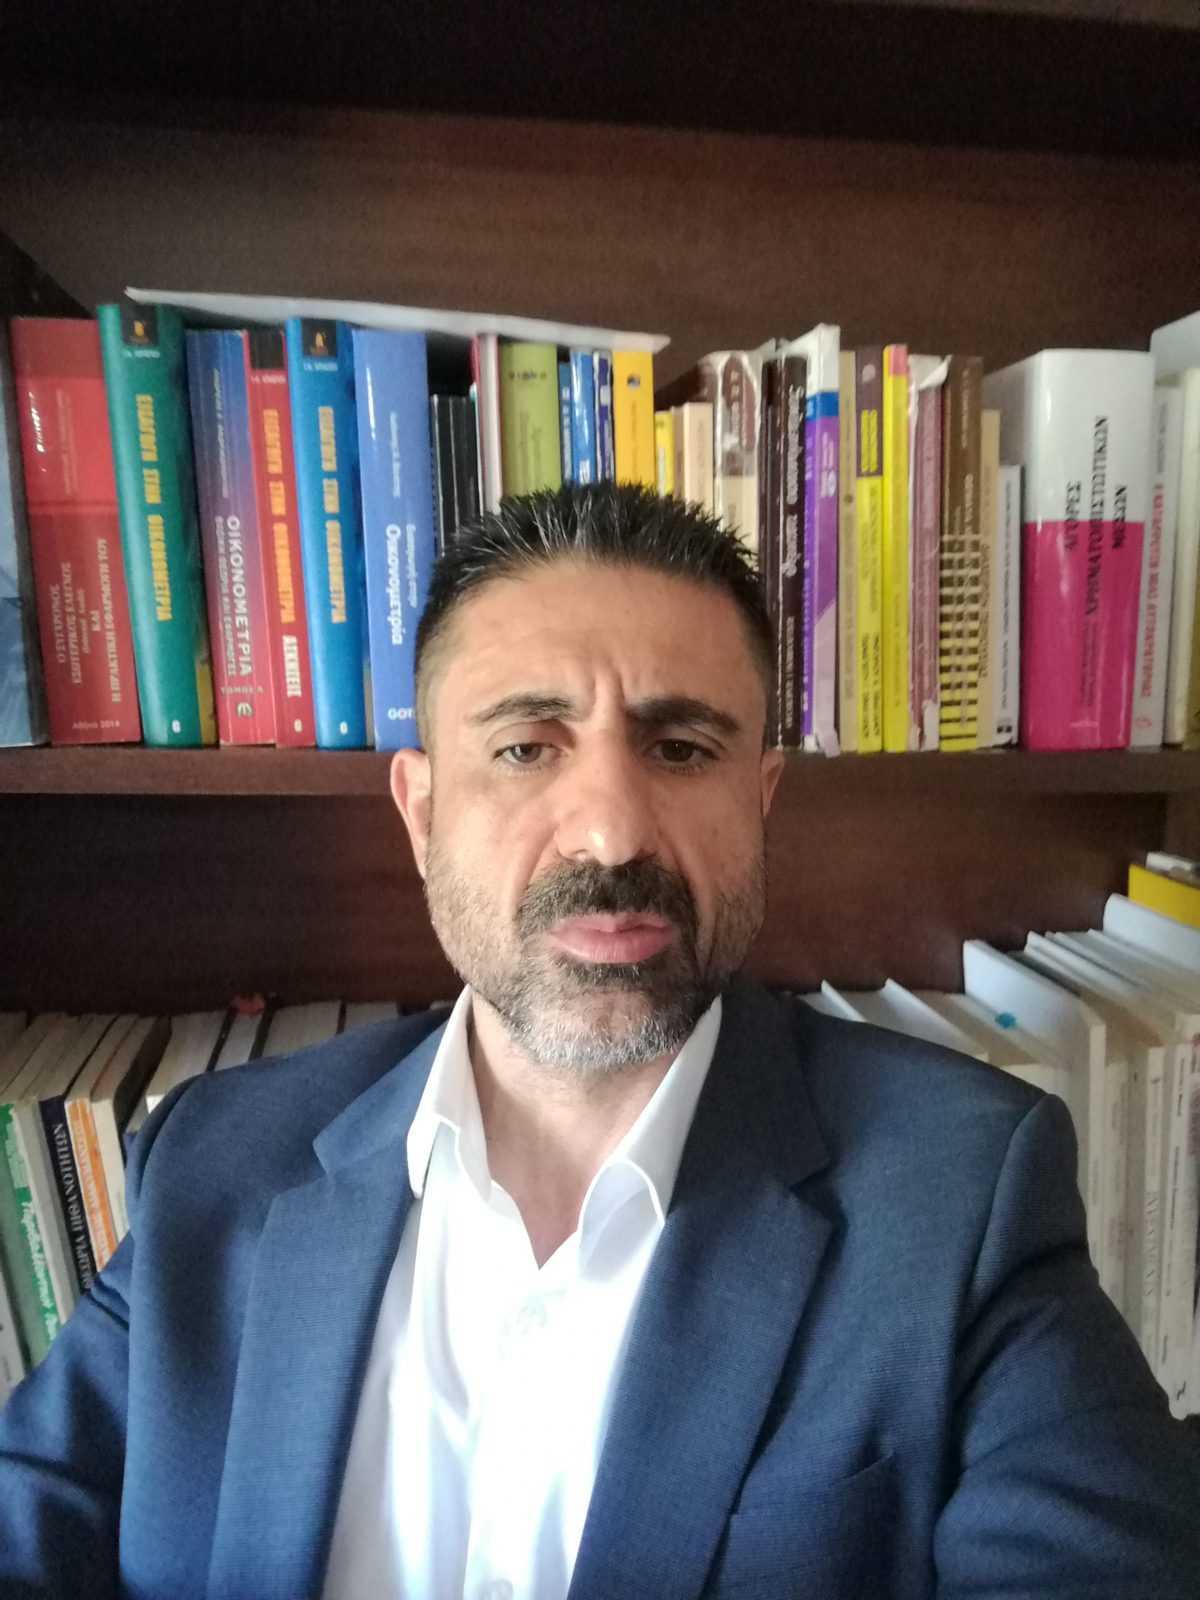 Δήλωση Υποψηφιότητας του Νίκου Σαριαννίδη για τη θέση του Αντιπρύτανη του πανεπιστημίου Δυτικής Μακεδονίας